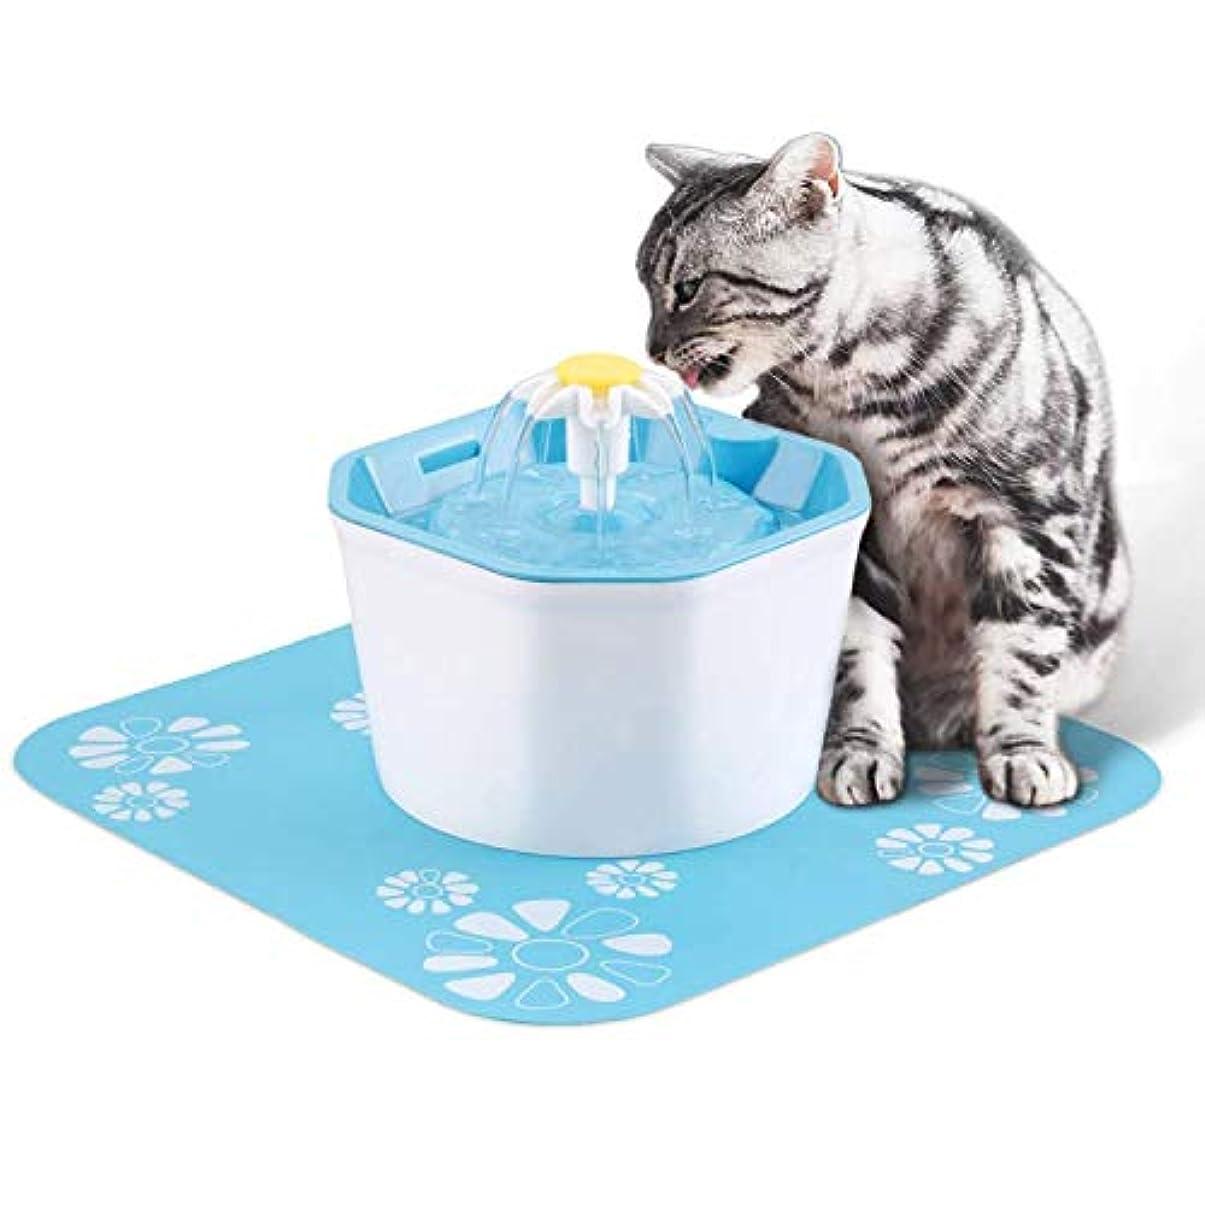 道徳インテリア電気愛らしい13インチ(33cm)のスプラッシュマット付きのペット用噴水、非常に静か、組み立てと清掃が簡単、84オンス(2.5 L)の貯水池、獣医推奨、継続的に新鮮な水